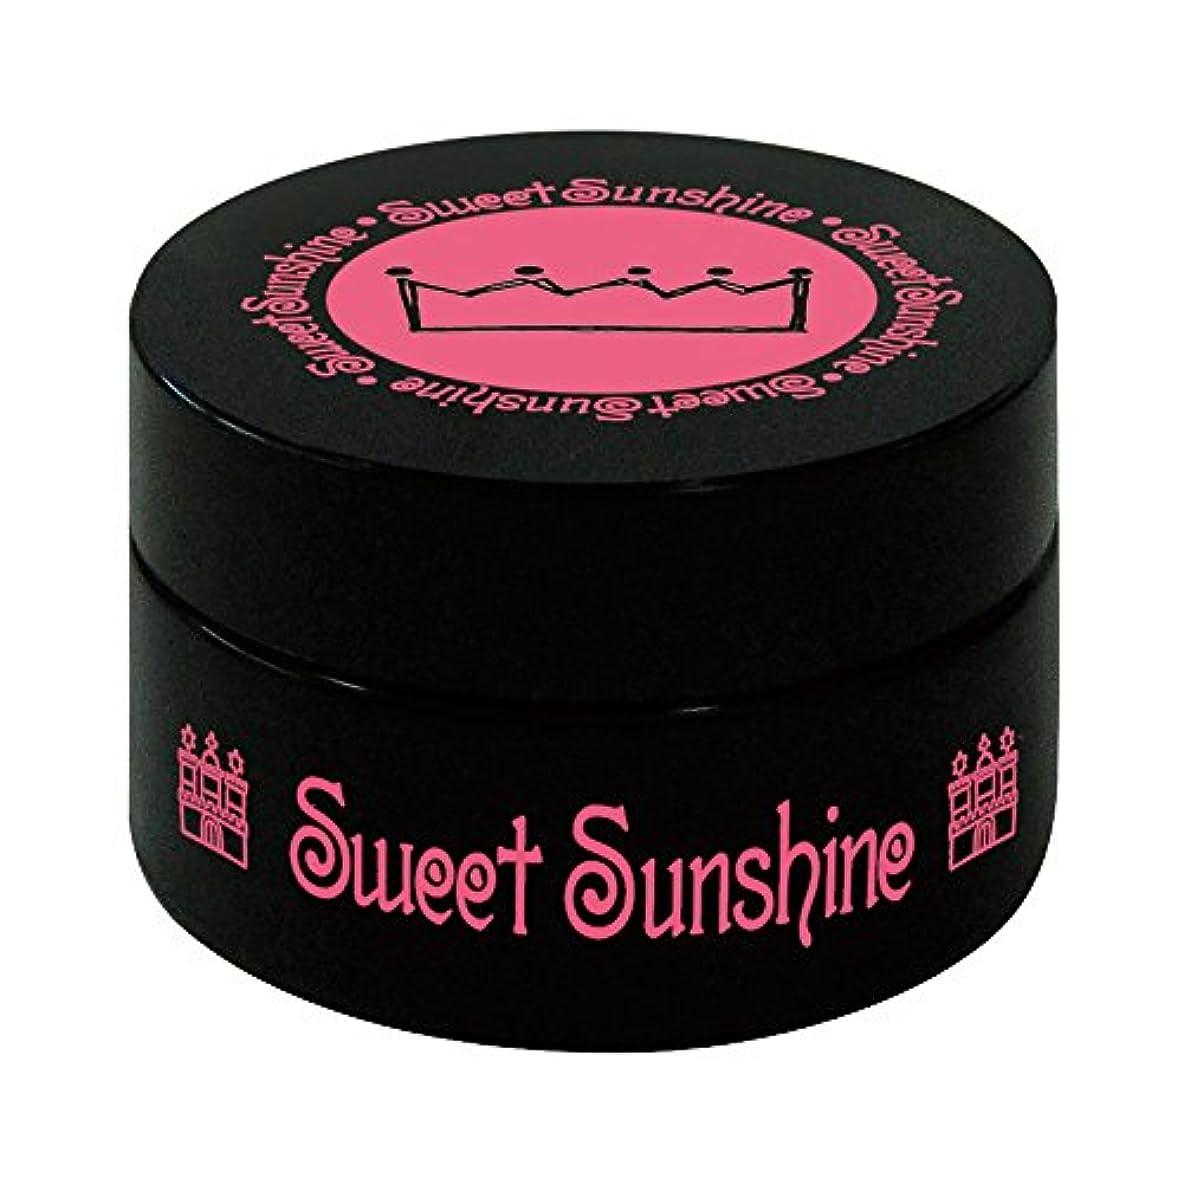 言及する反対した電気Sweet Sunshine カラージェル 4g MON-11 グラデーションホワイト マット UV/LED対応